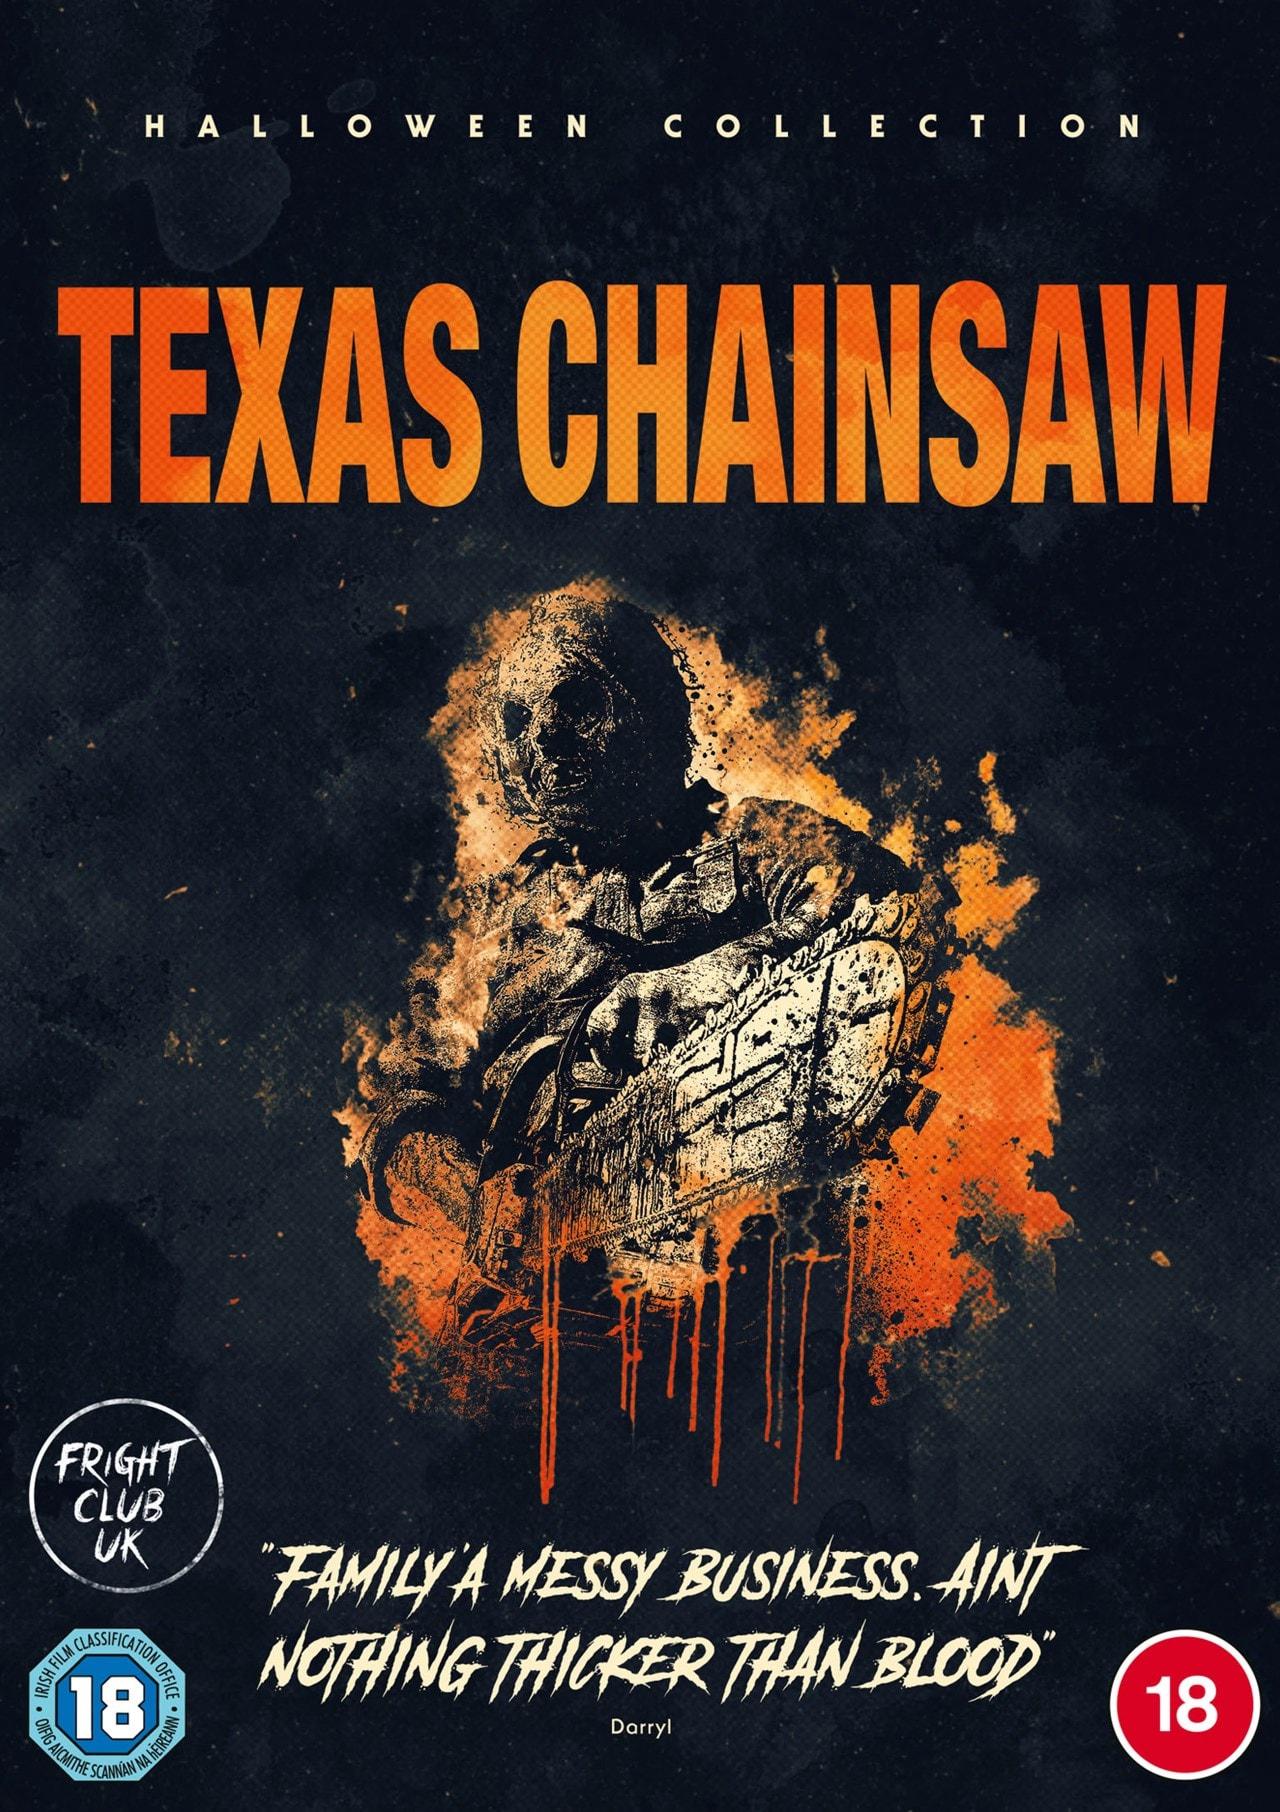 Texas Chainsaw - 1